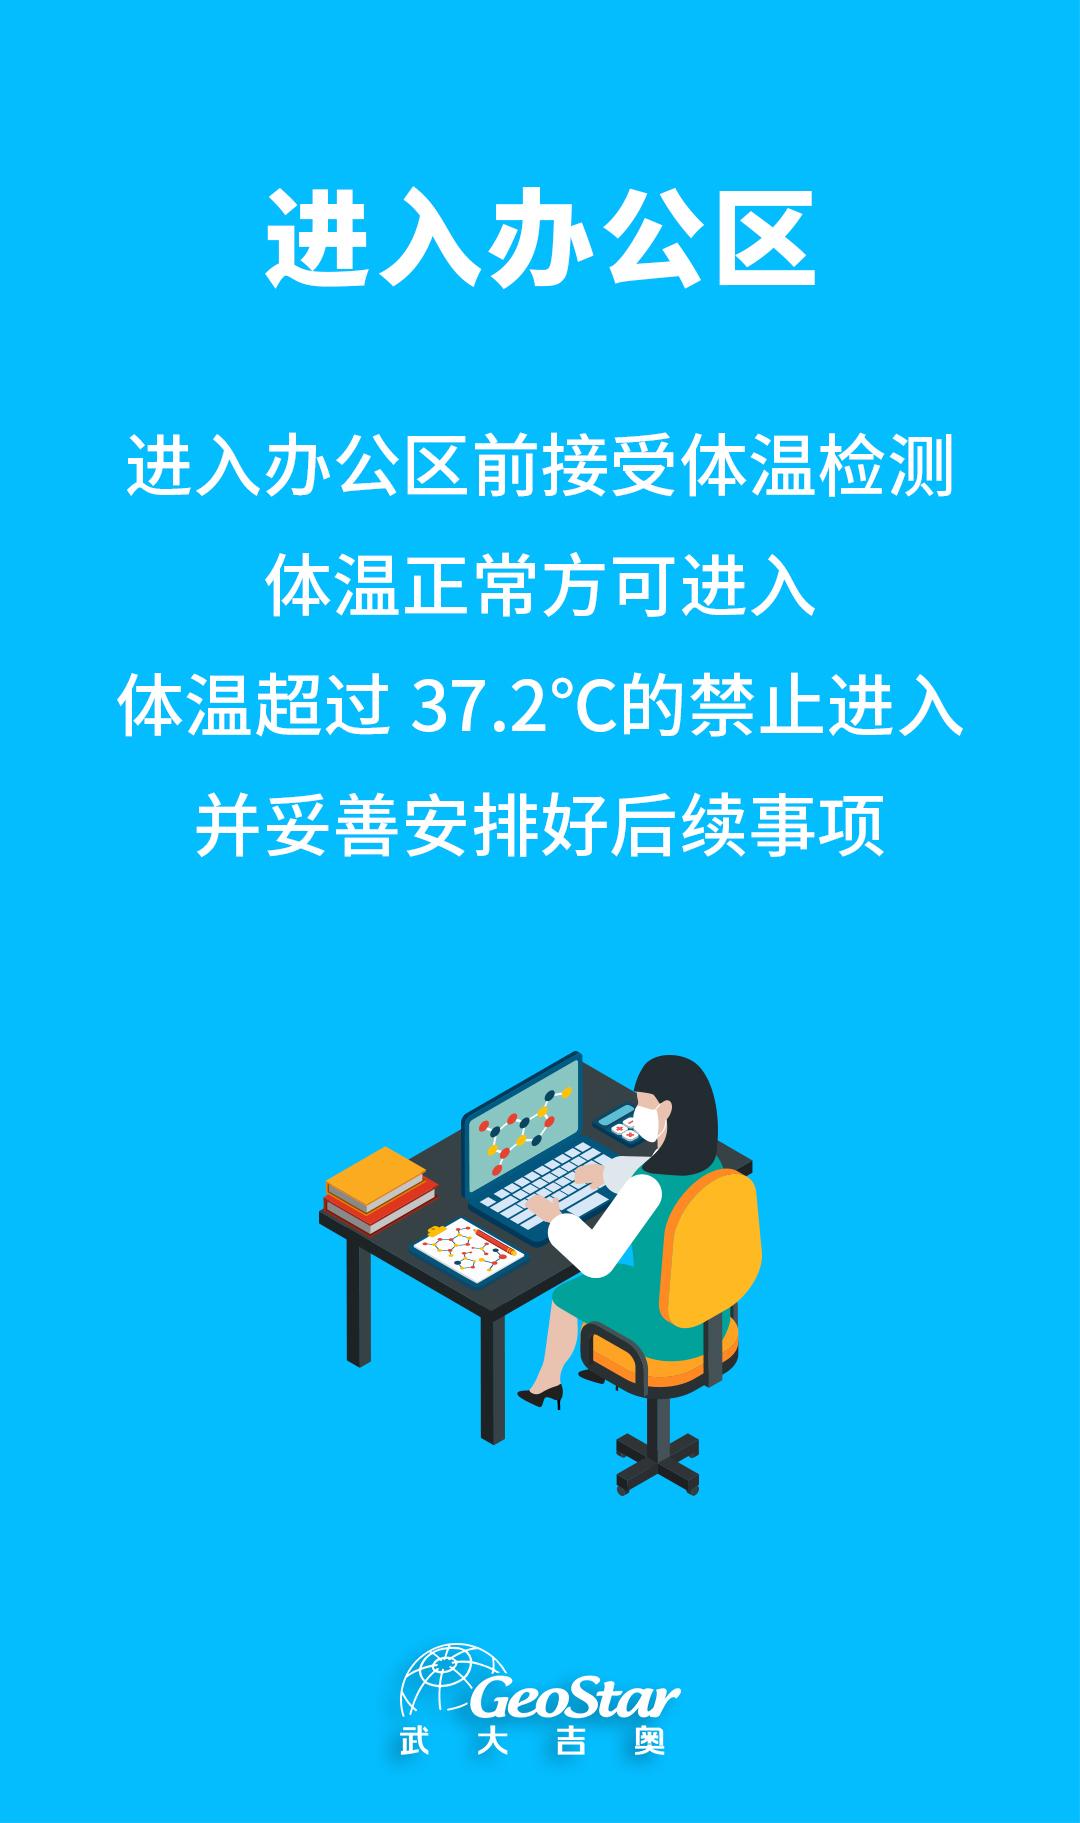 4.地信企业复工防疫指南-进入办公区